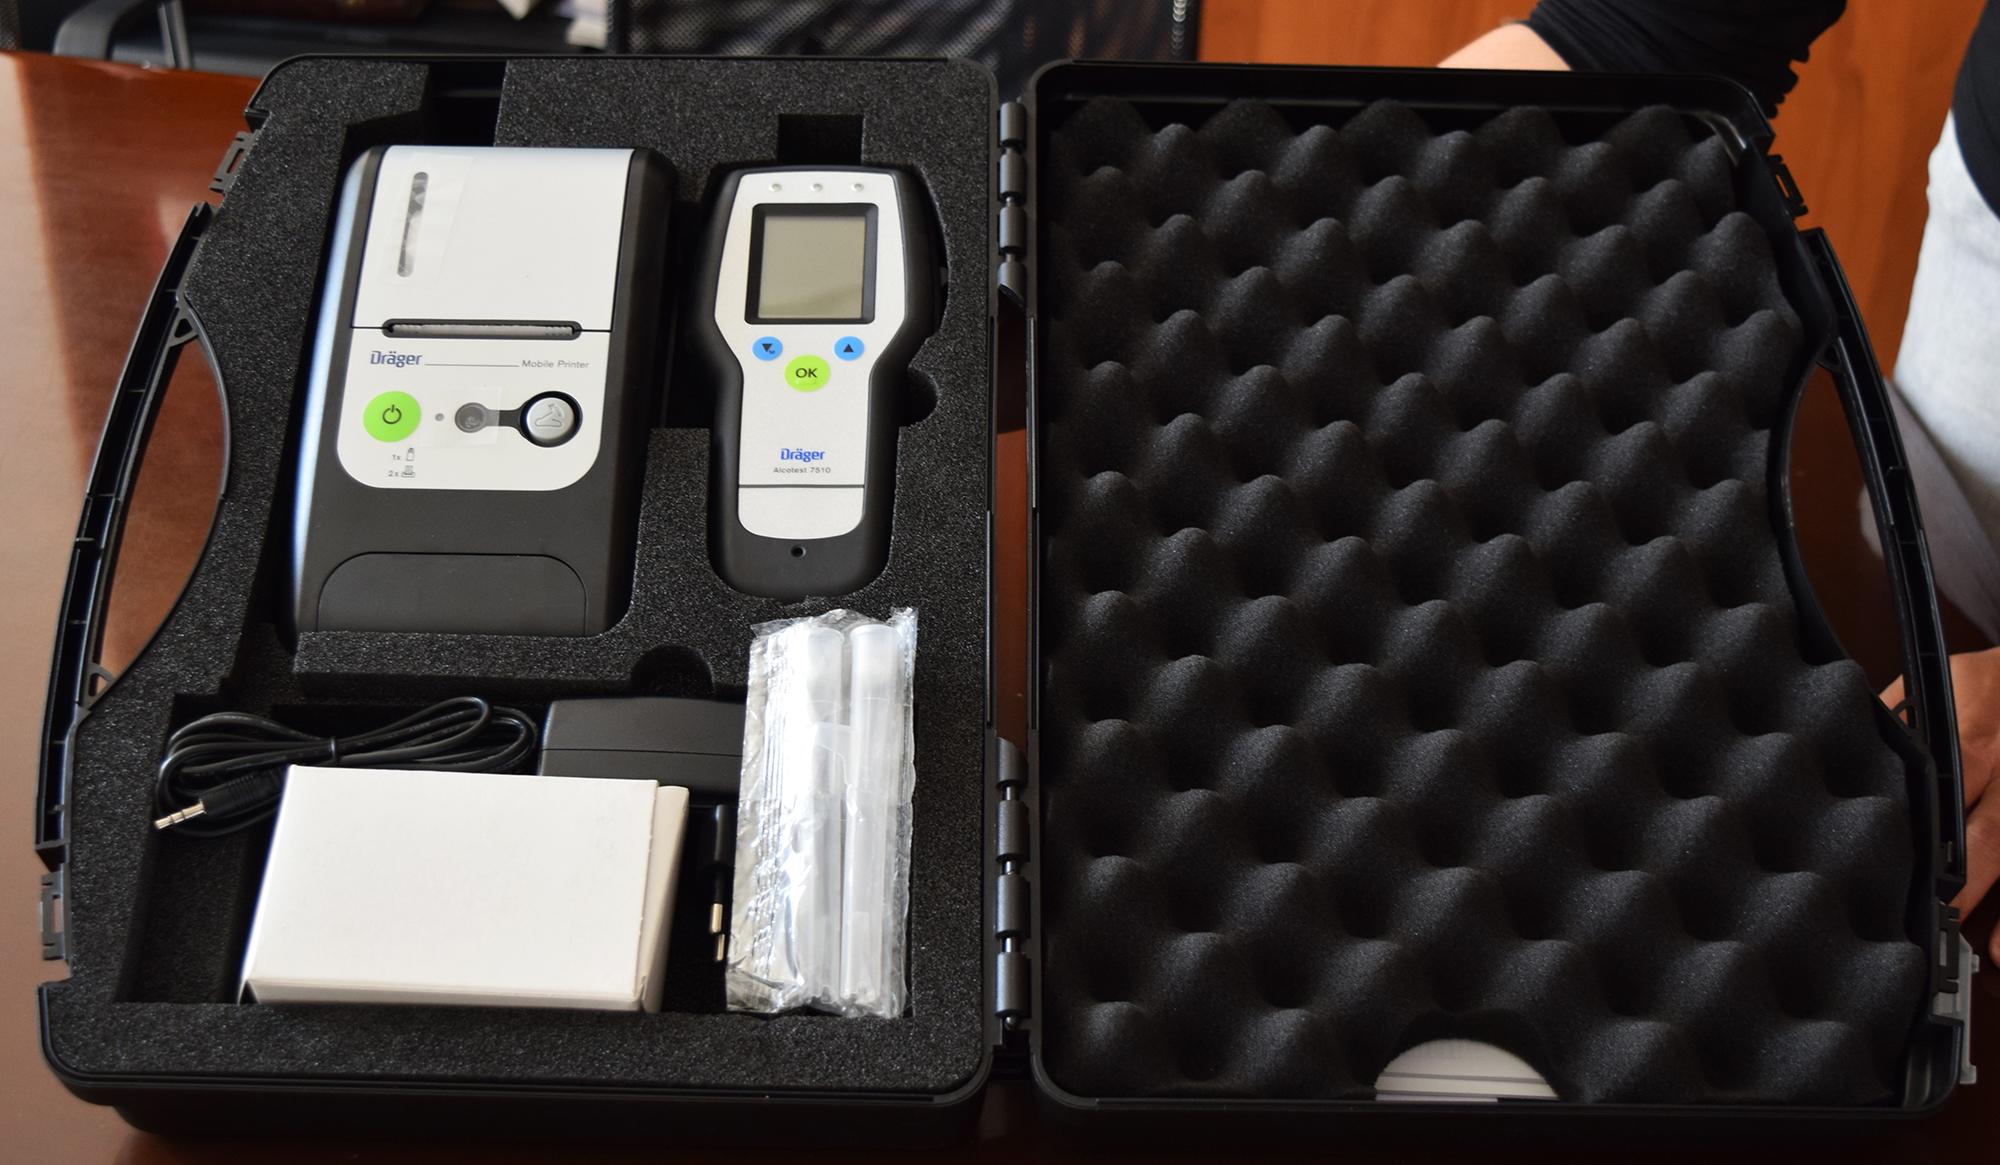 La Policia Local podrà fer les proves inicials i la seua posterior verificació sense haver de recórrer a dispositius d'altres municipis.